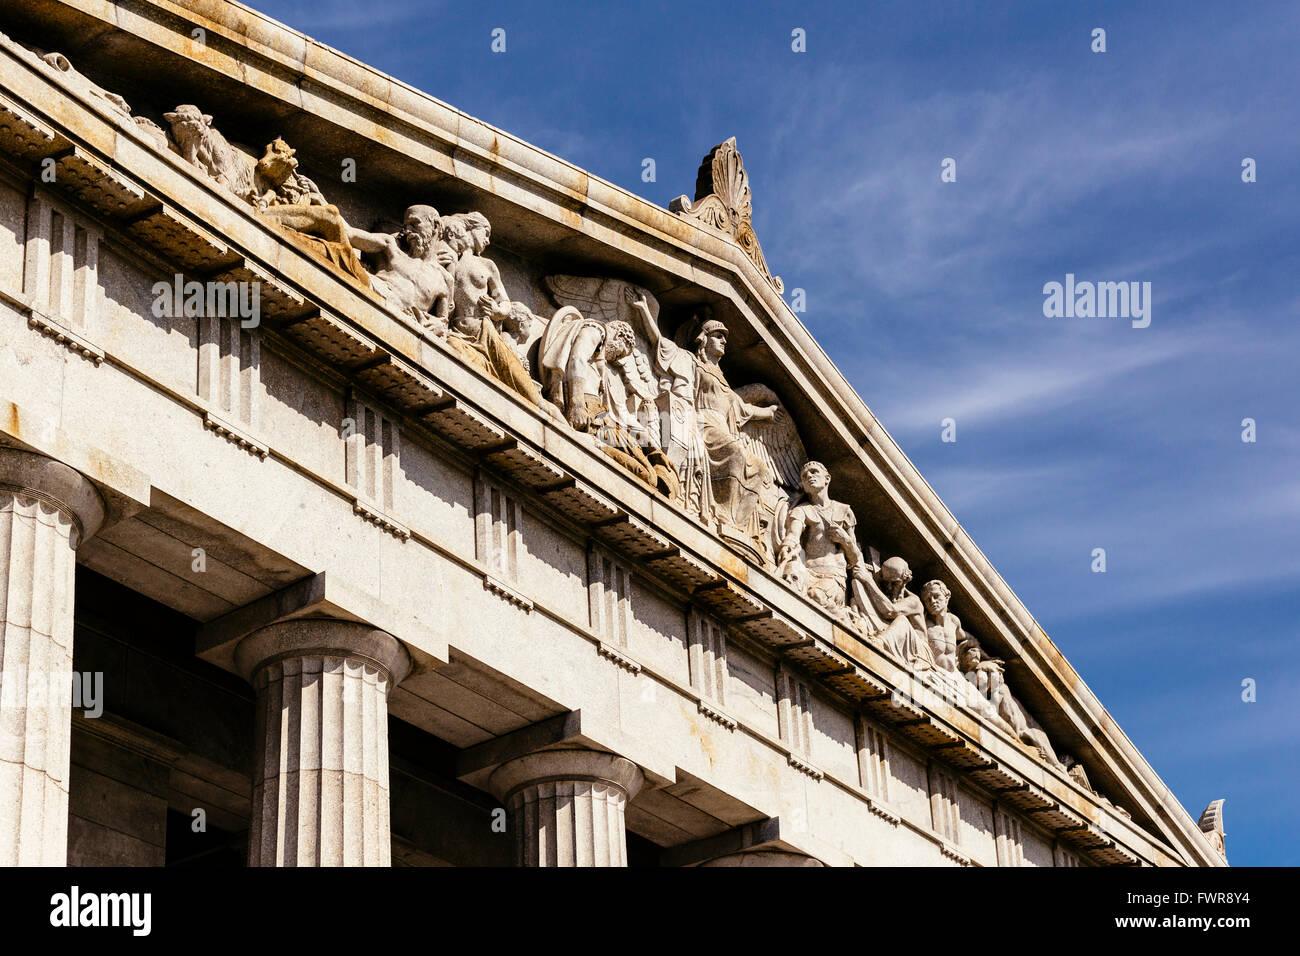 Portico, Shrine of Remembrance, Melbourne, Victoria, Australia - Stock Image